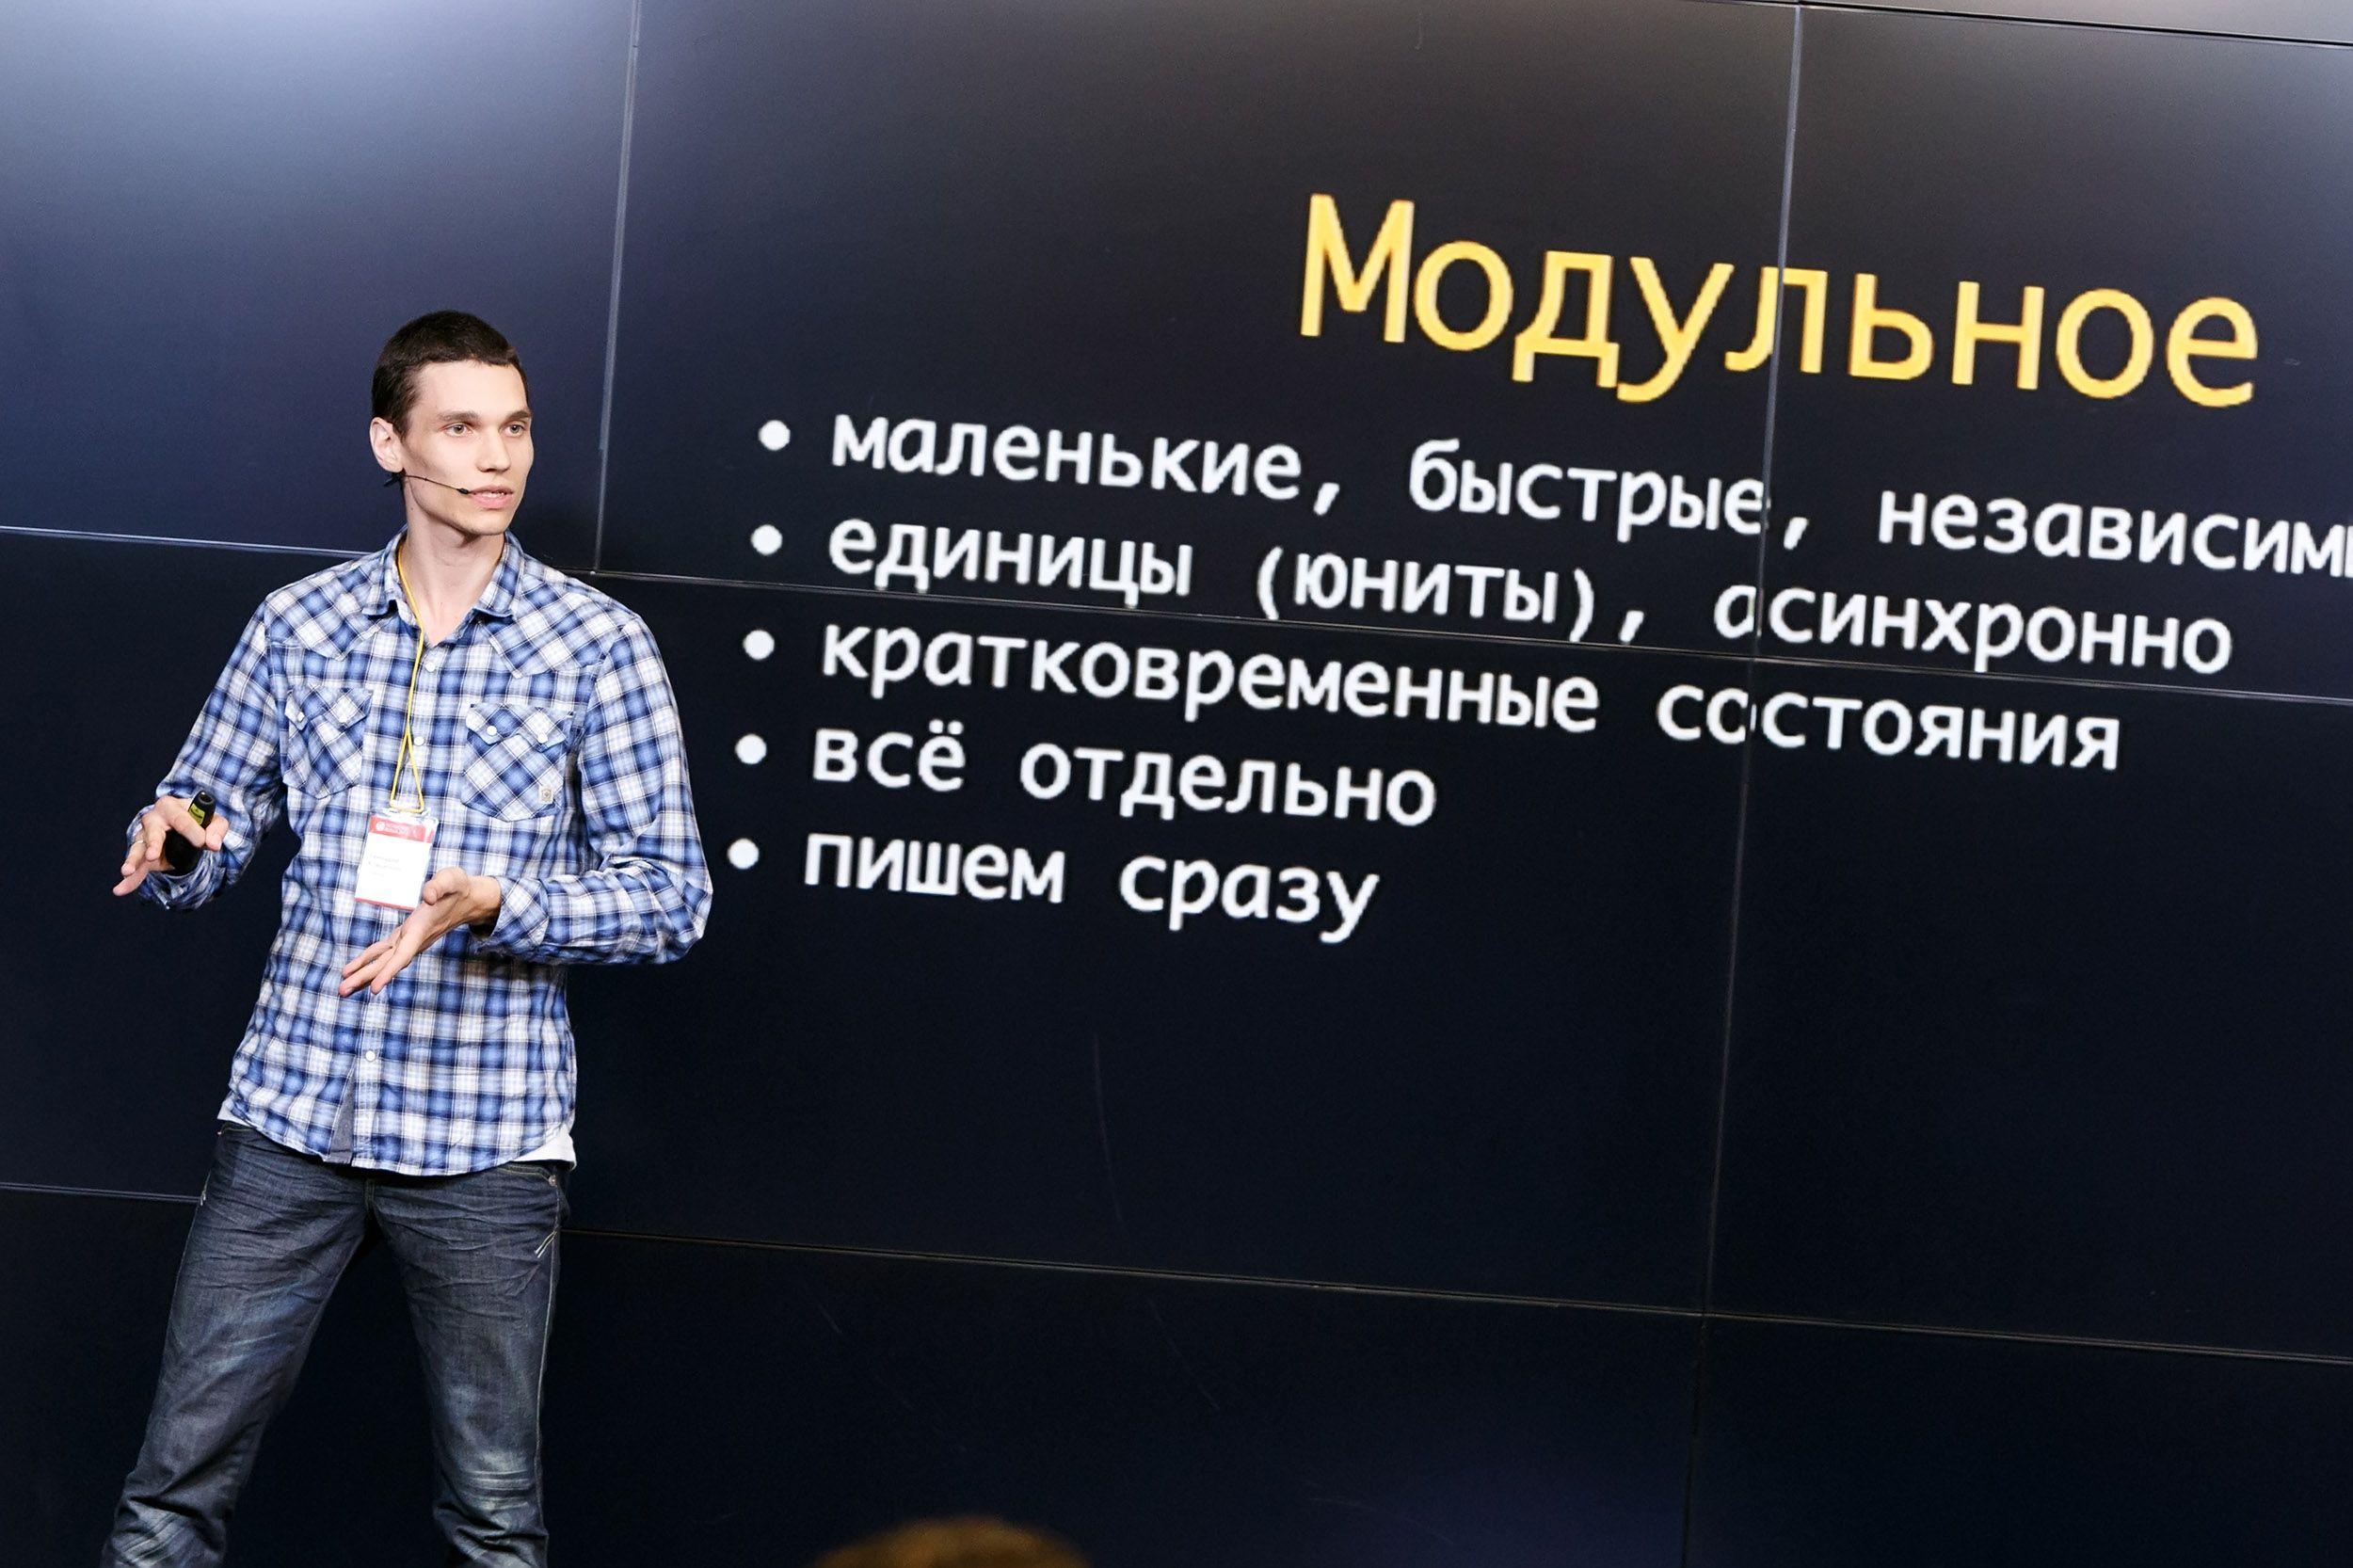 Геннадий Ковшенин